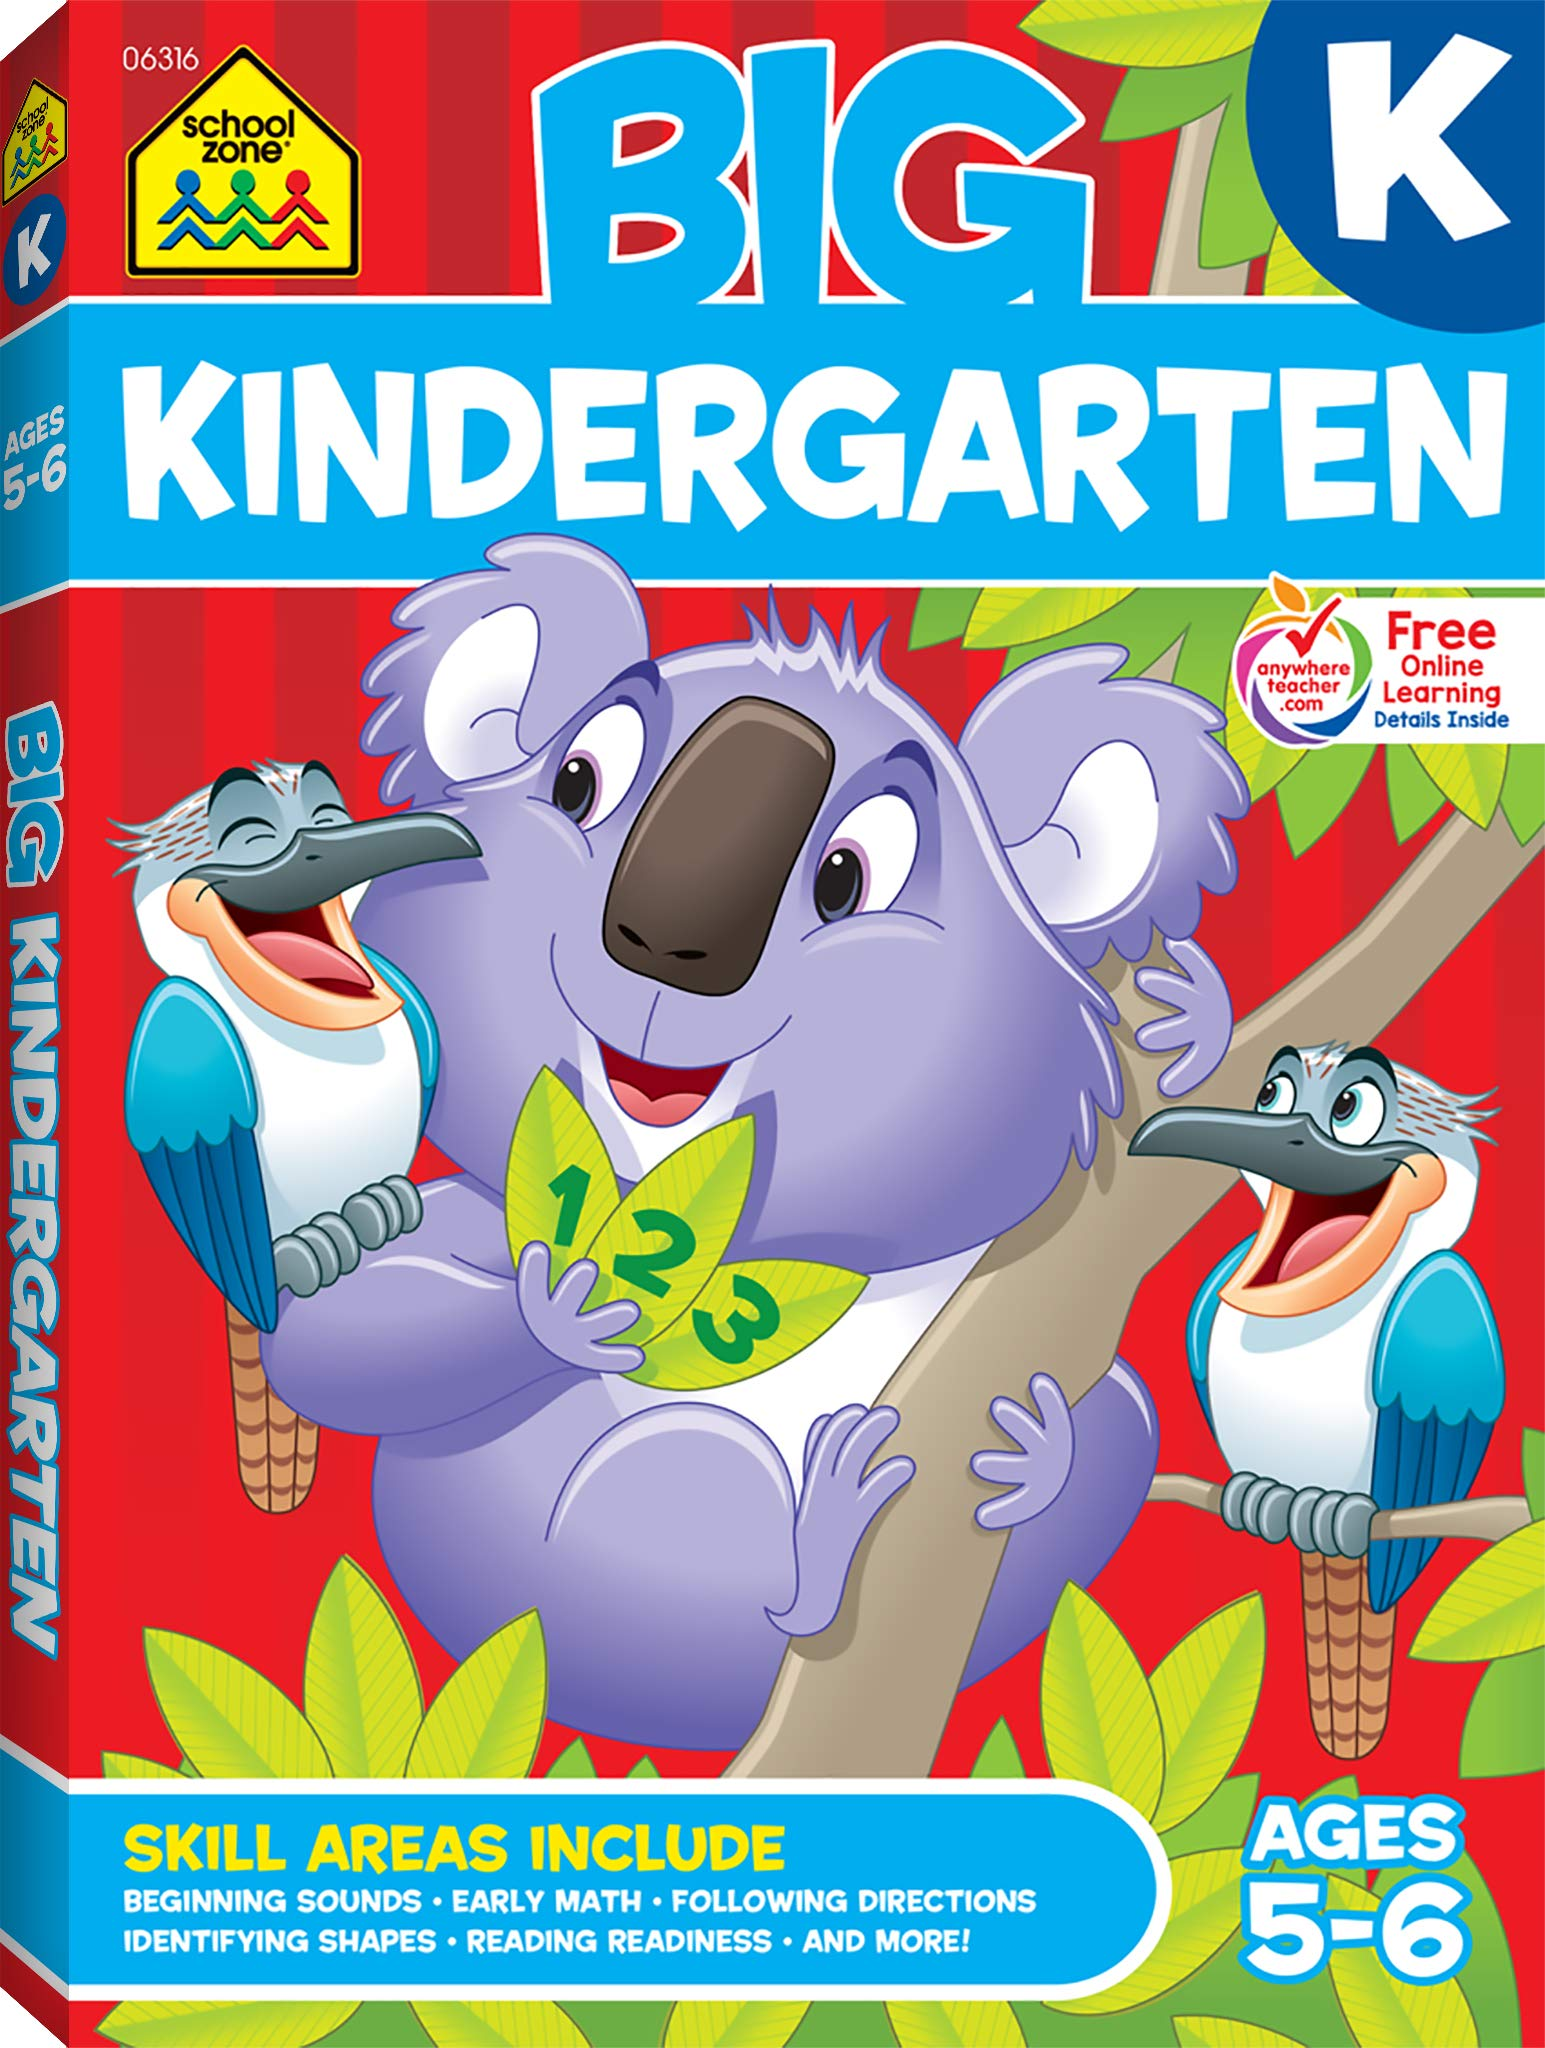 1ed1d6a8061 School Zone - Big Kindergarten Workbook - Ages 5-6